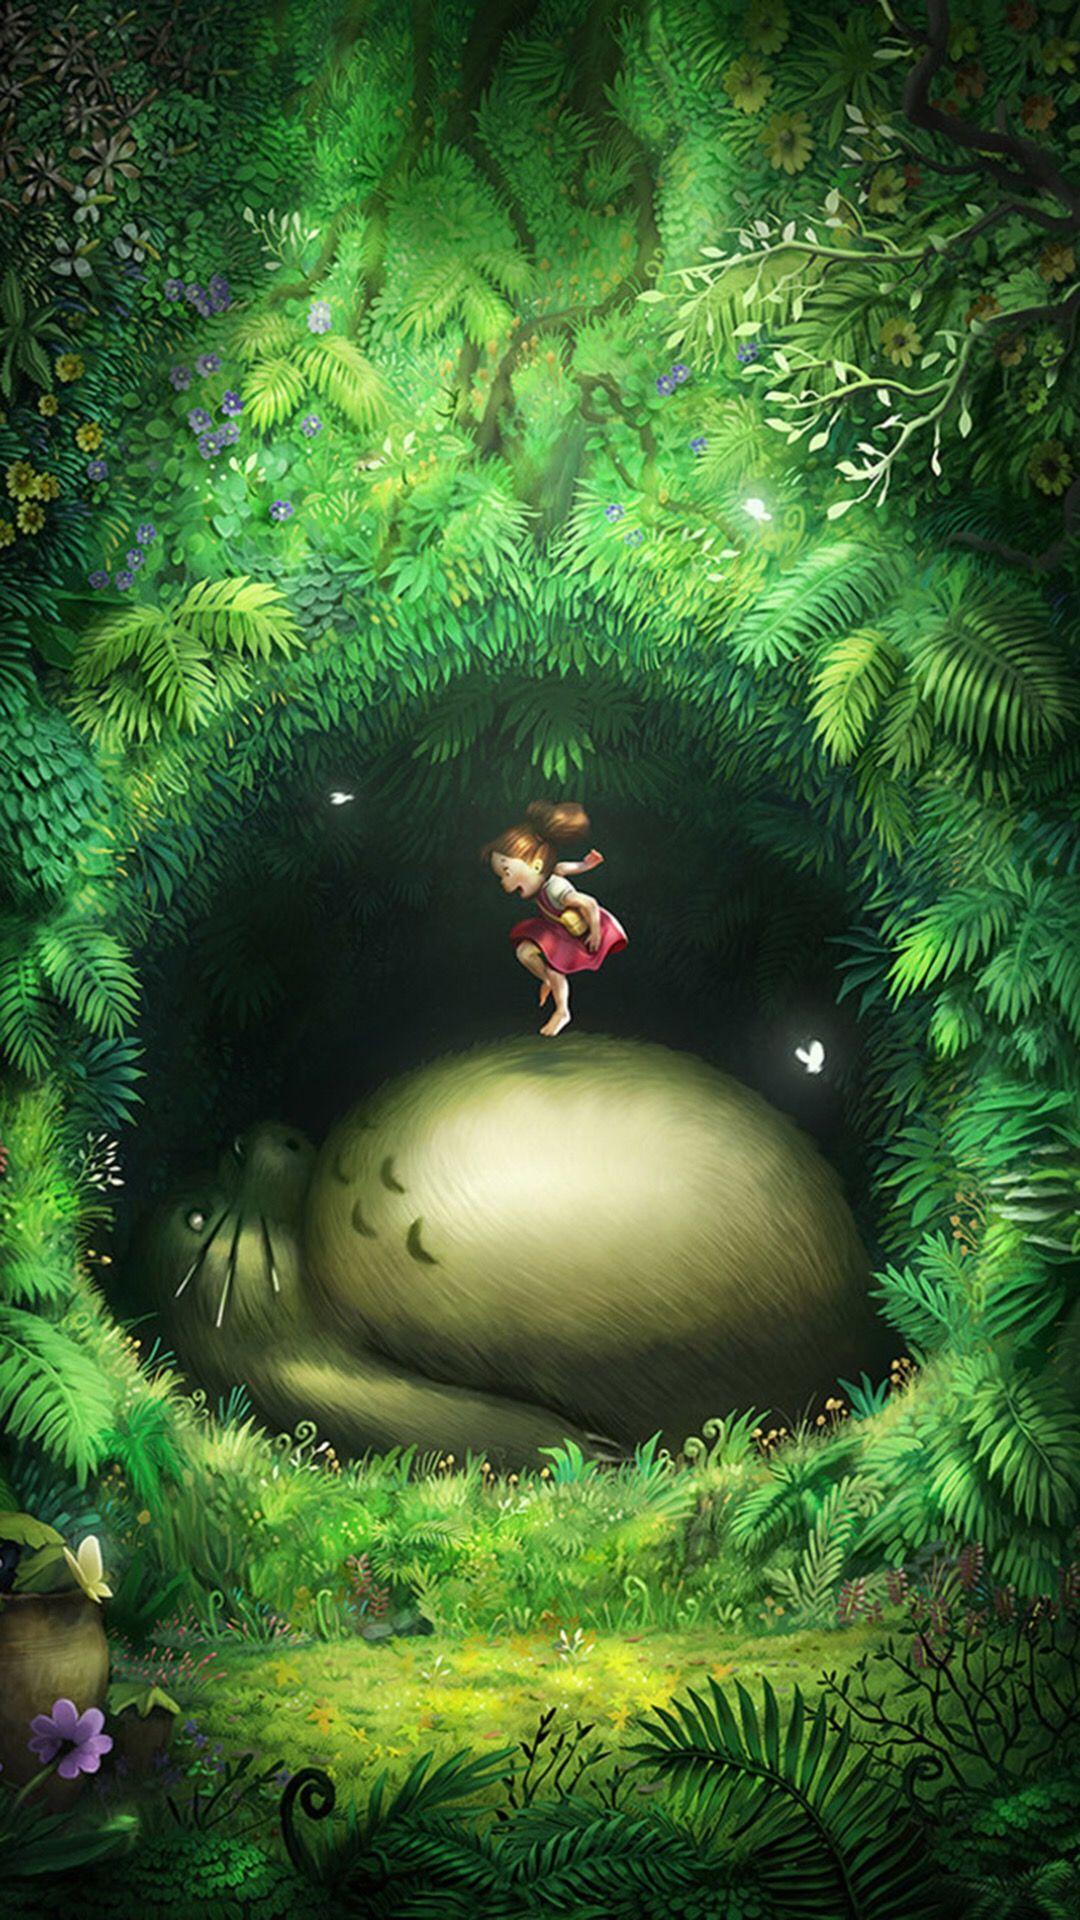 Épinglé par Sarah L Welch sur Wallpaper phone Totoro